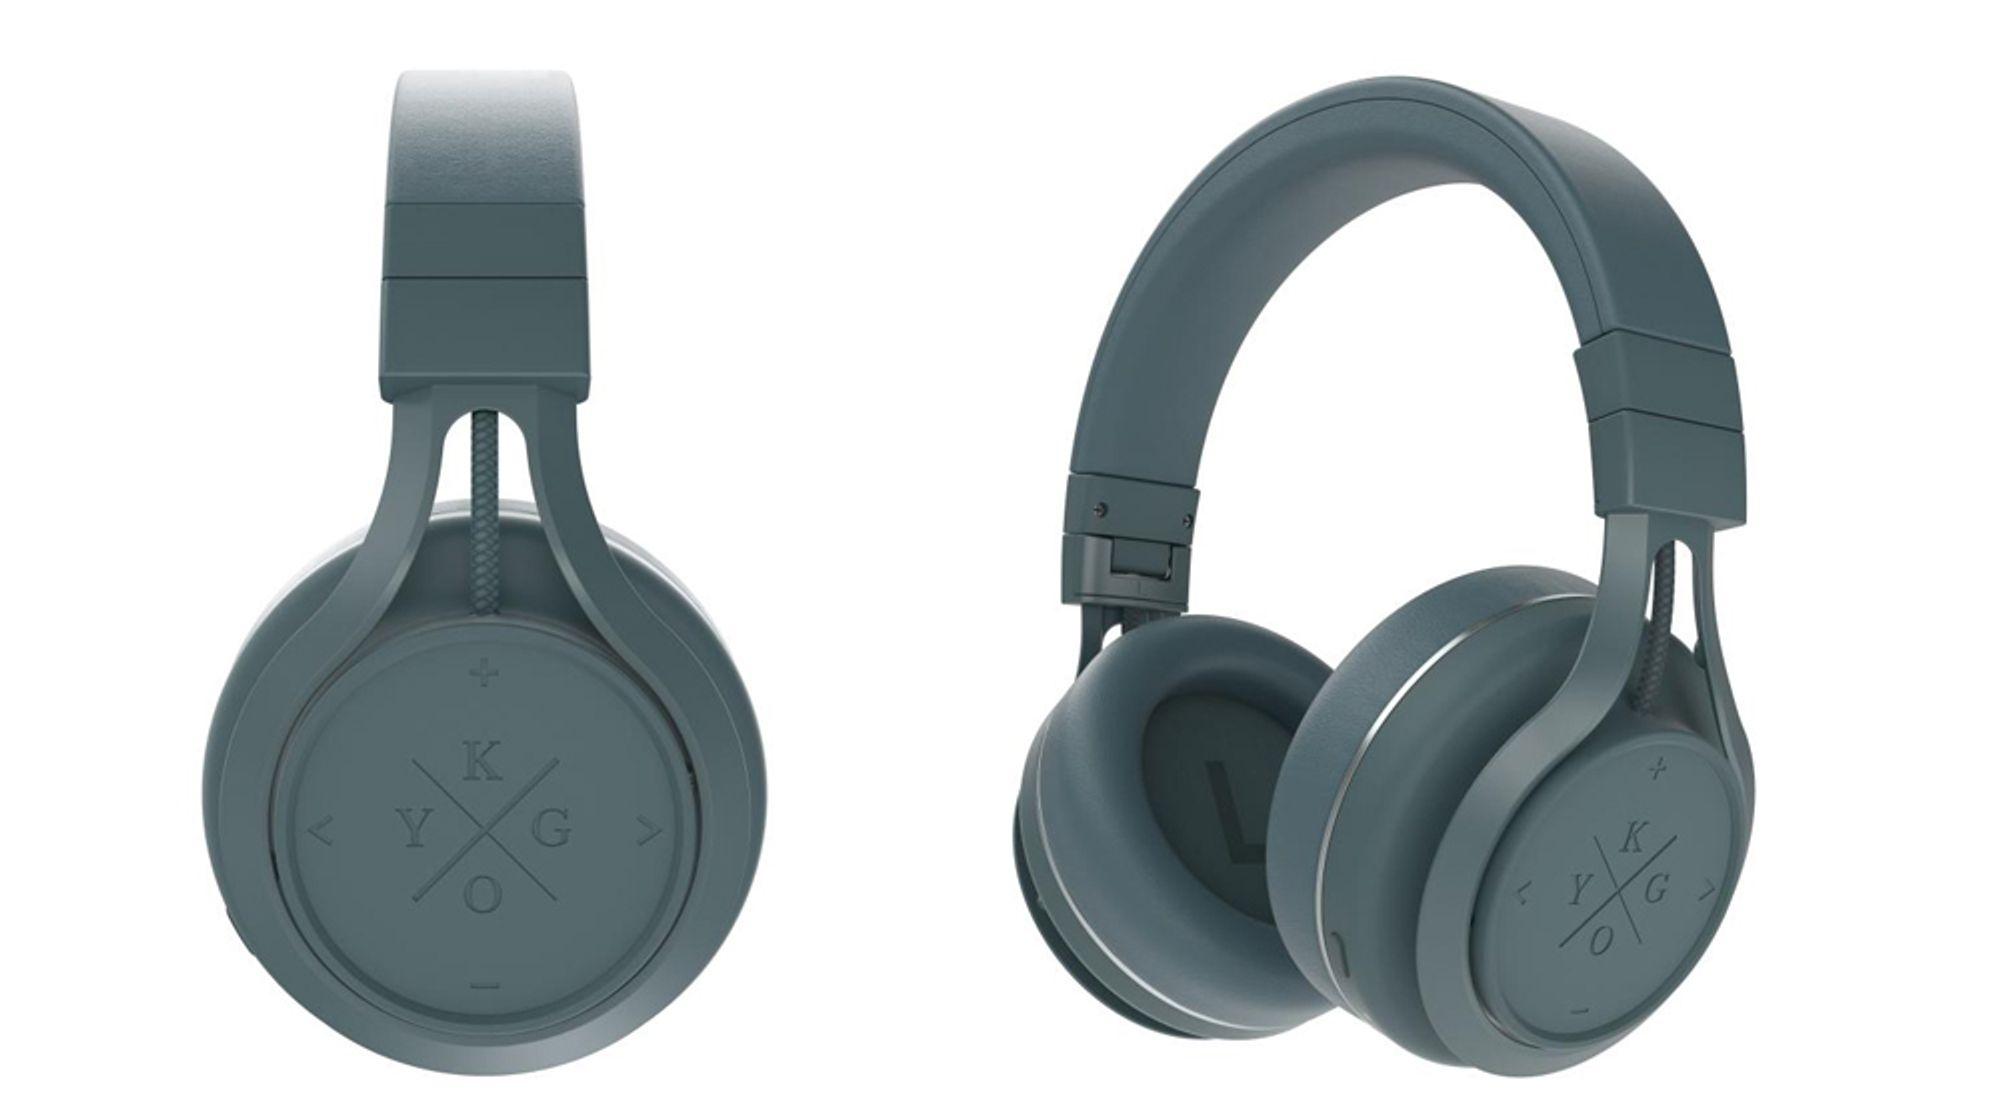 Et trådløst headsett fra Kygo ligger i luke 20.